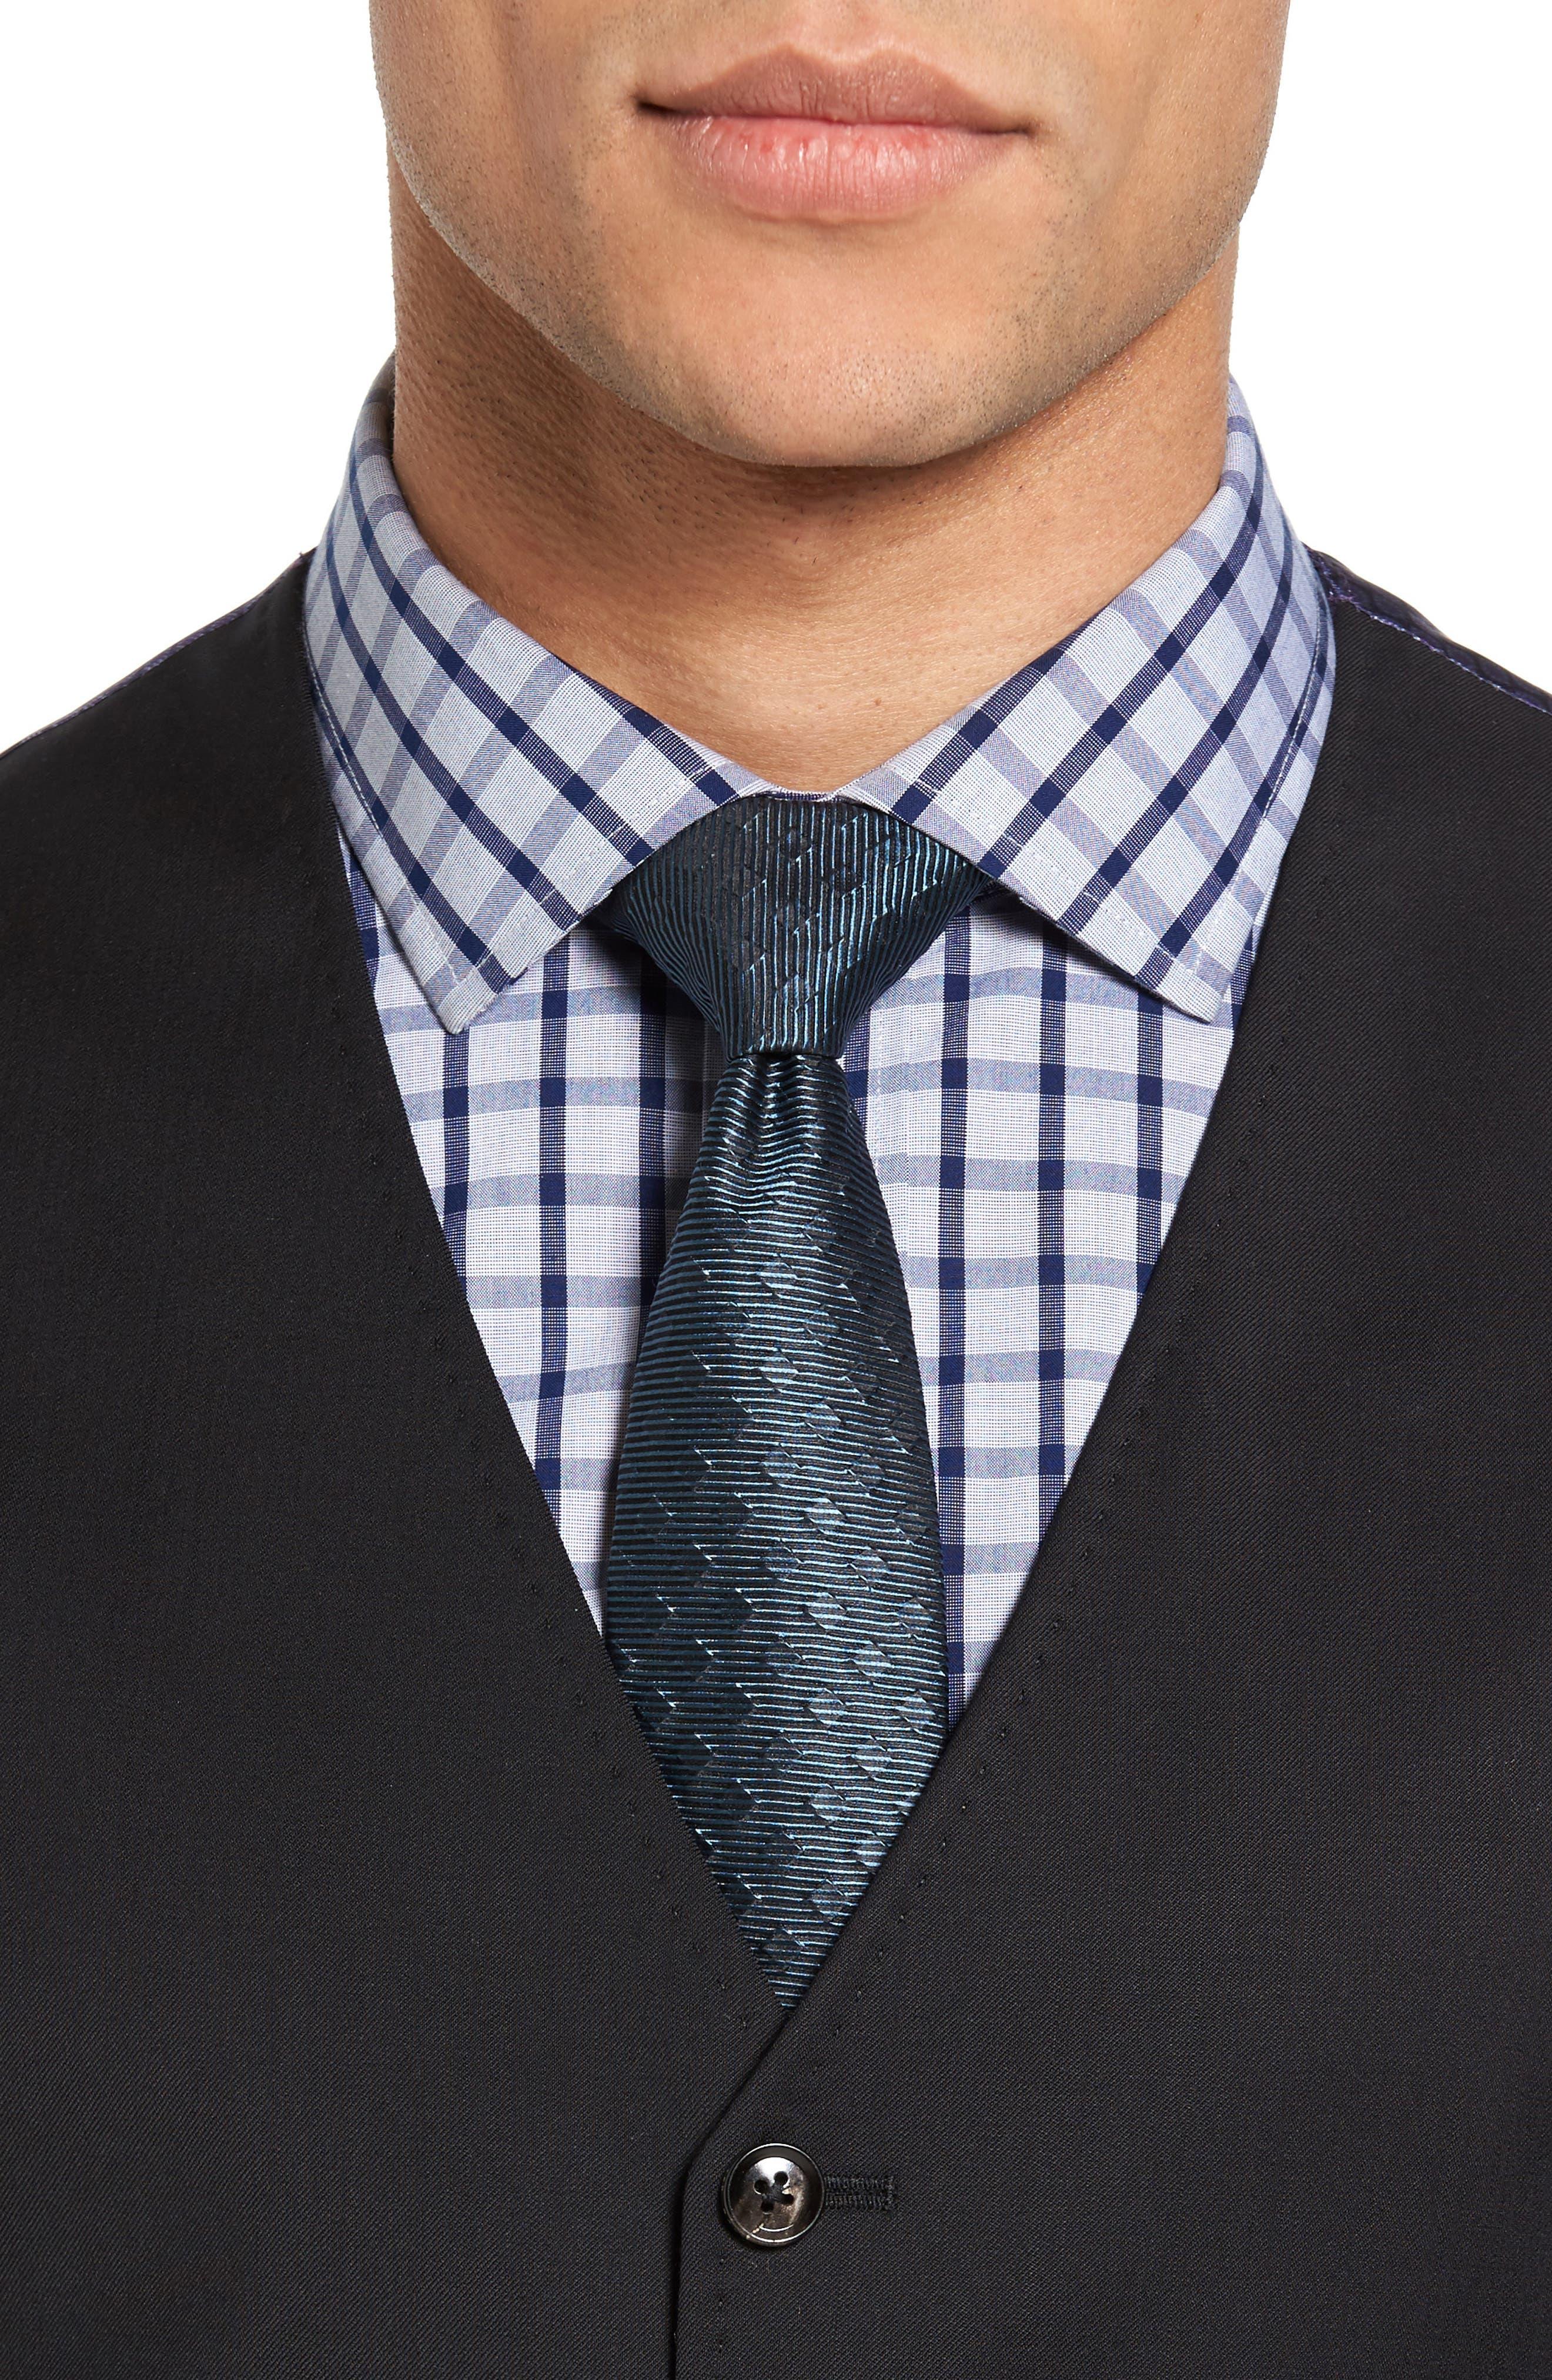 Jones Trim Fit Wool Vest,                             Alternate thumbnail 4, color,                             001